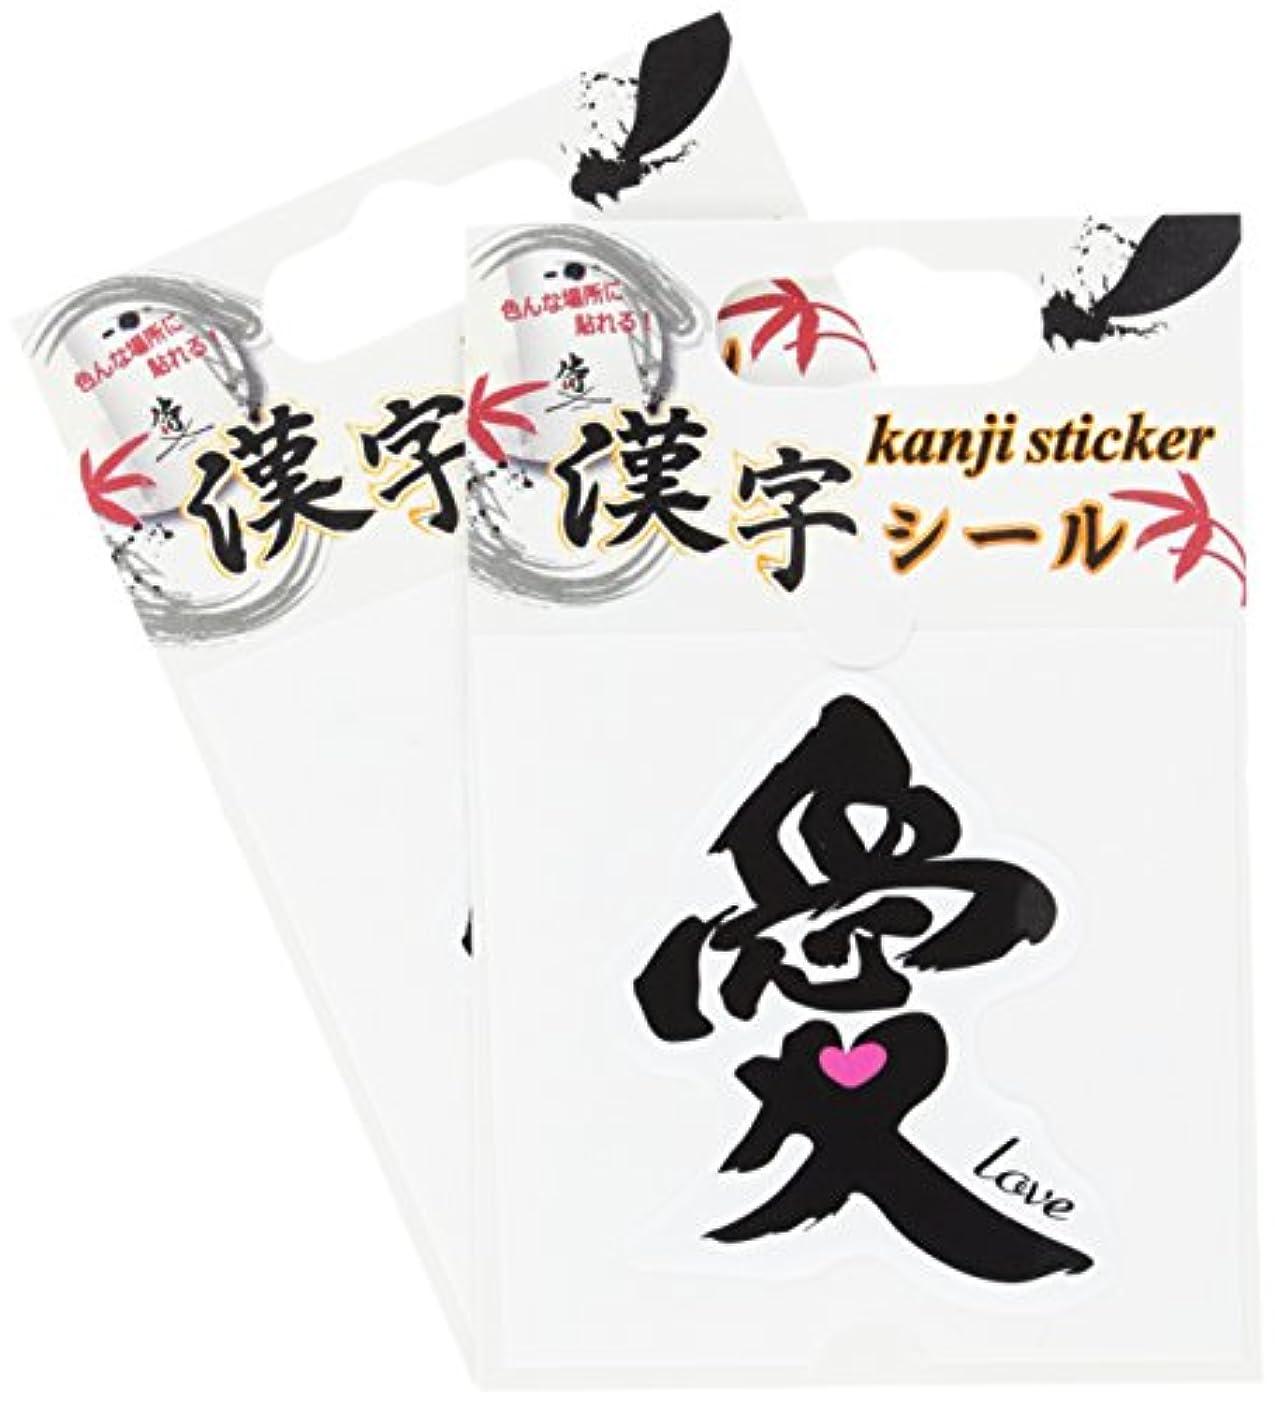 リーズ祝福する羊漢字シール 愛 2枚セット